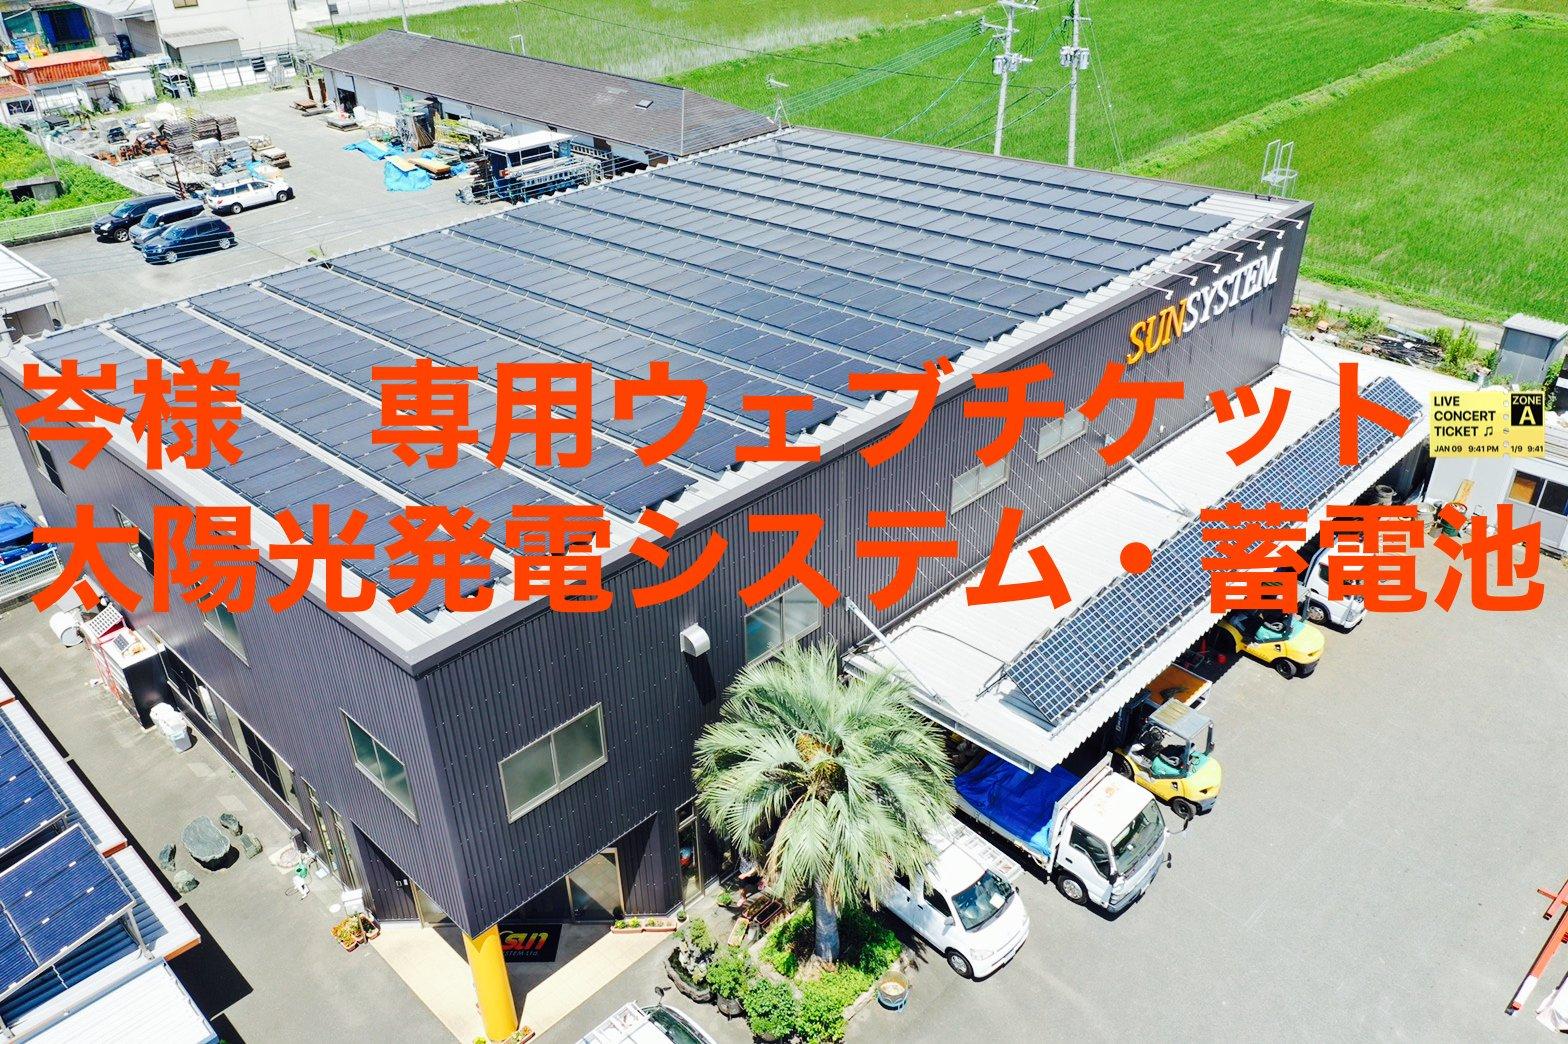 【岑様 専用チケット】太陽光発電システム・蓄電池システム工事【現地払い・銀行振り込み専用チケット】のイメージその1